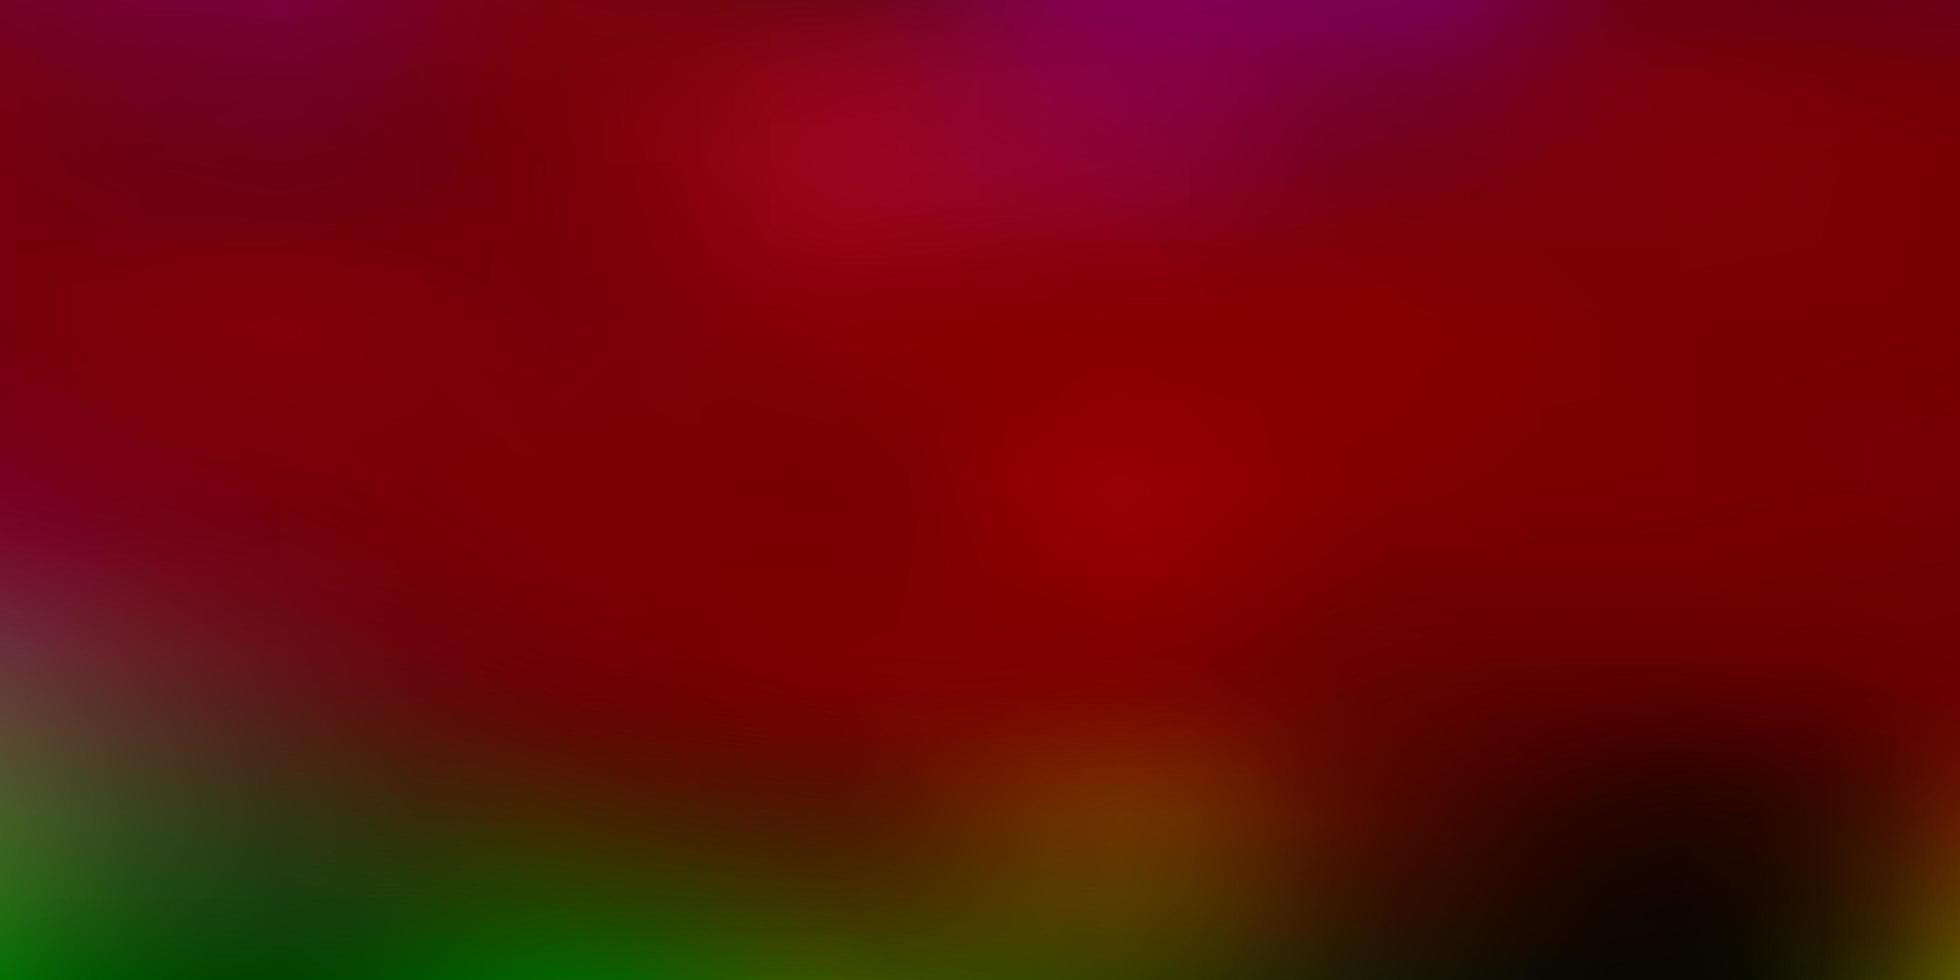 modello di sfocatura astratta vettoriale rosa chiaro, verde.